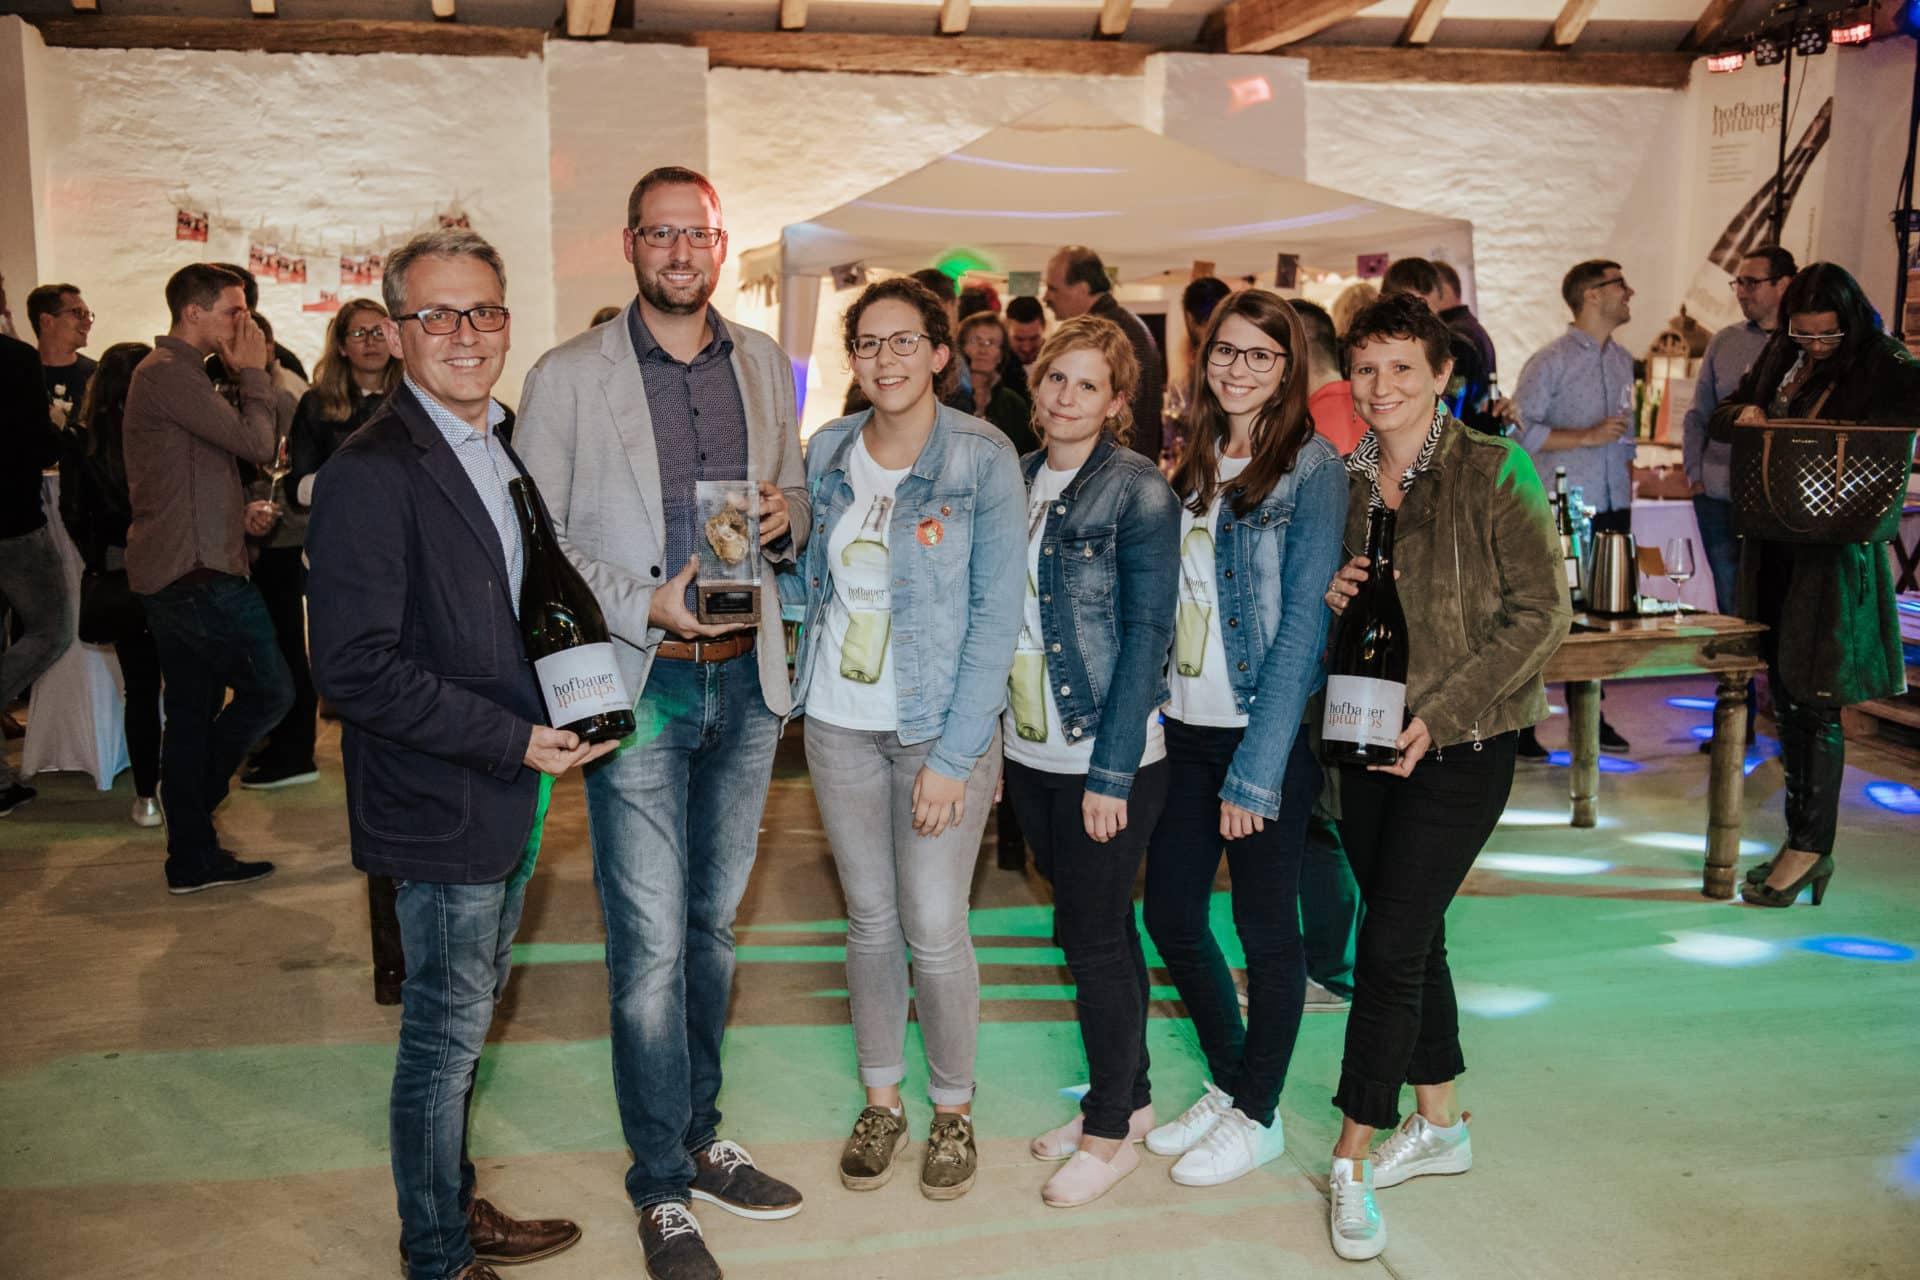 Gruppenfoto Hofbauer-Schmidt mit Auszeichnung